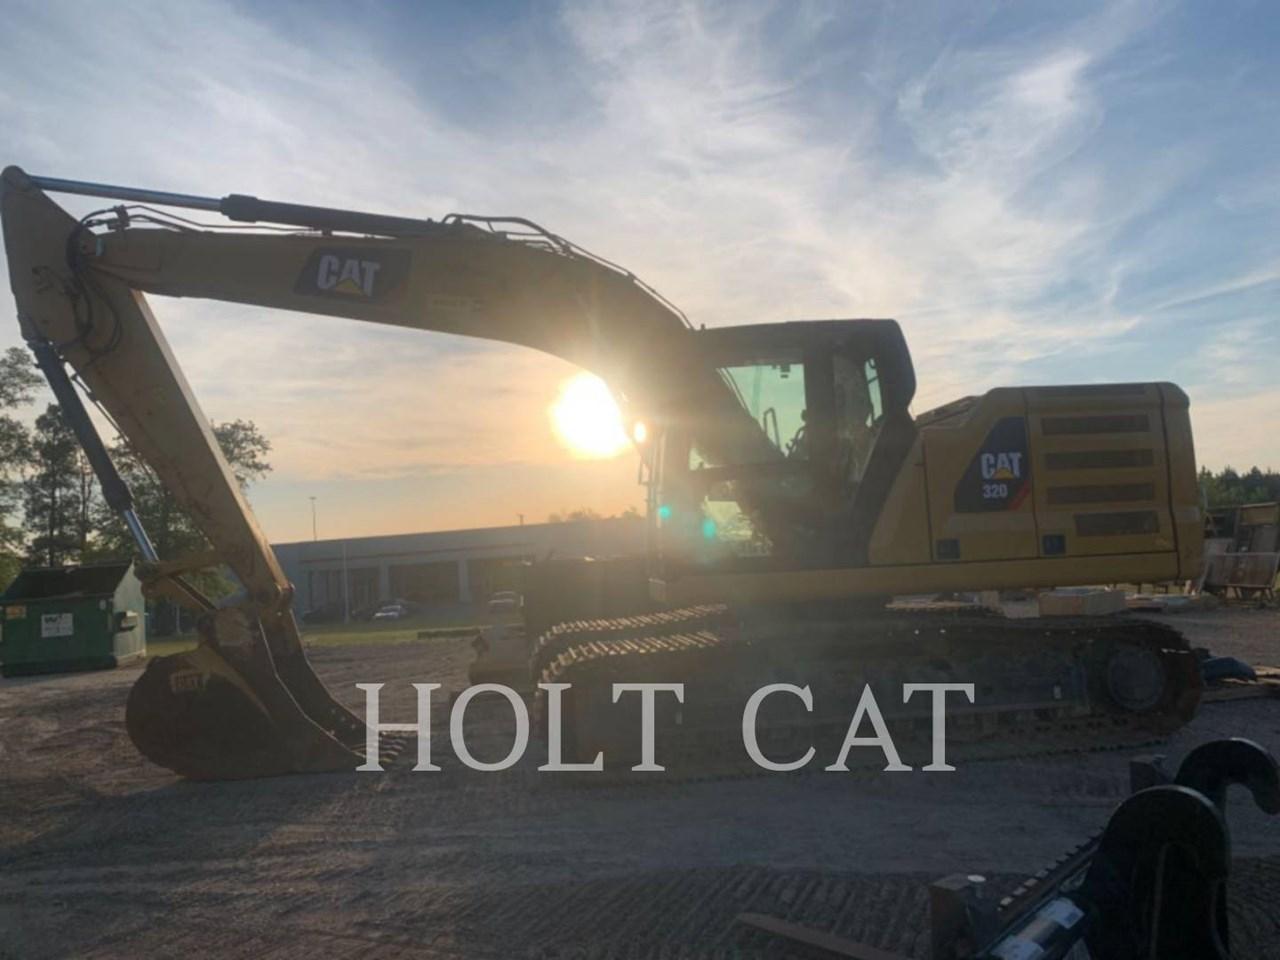 2019 Caterpillar 320 Image 3